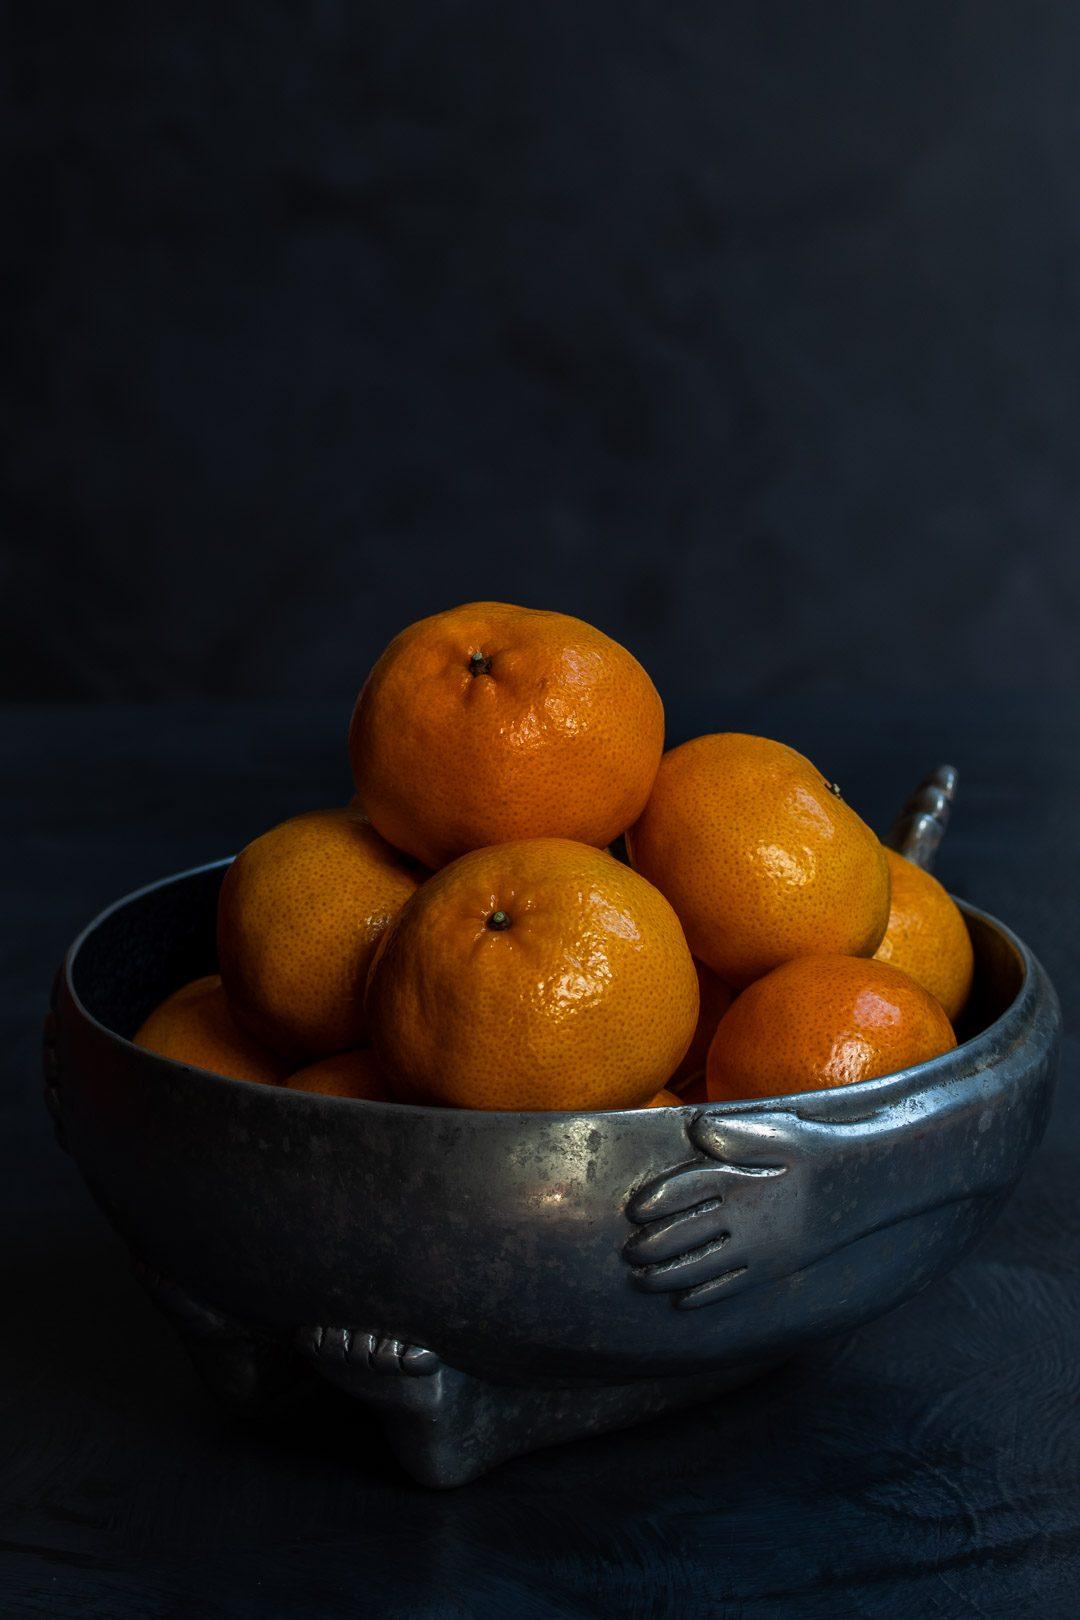 Making Mandarin tarragon shrub syrup drinking vinegar with mandarins in metal bowl